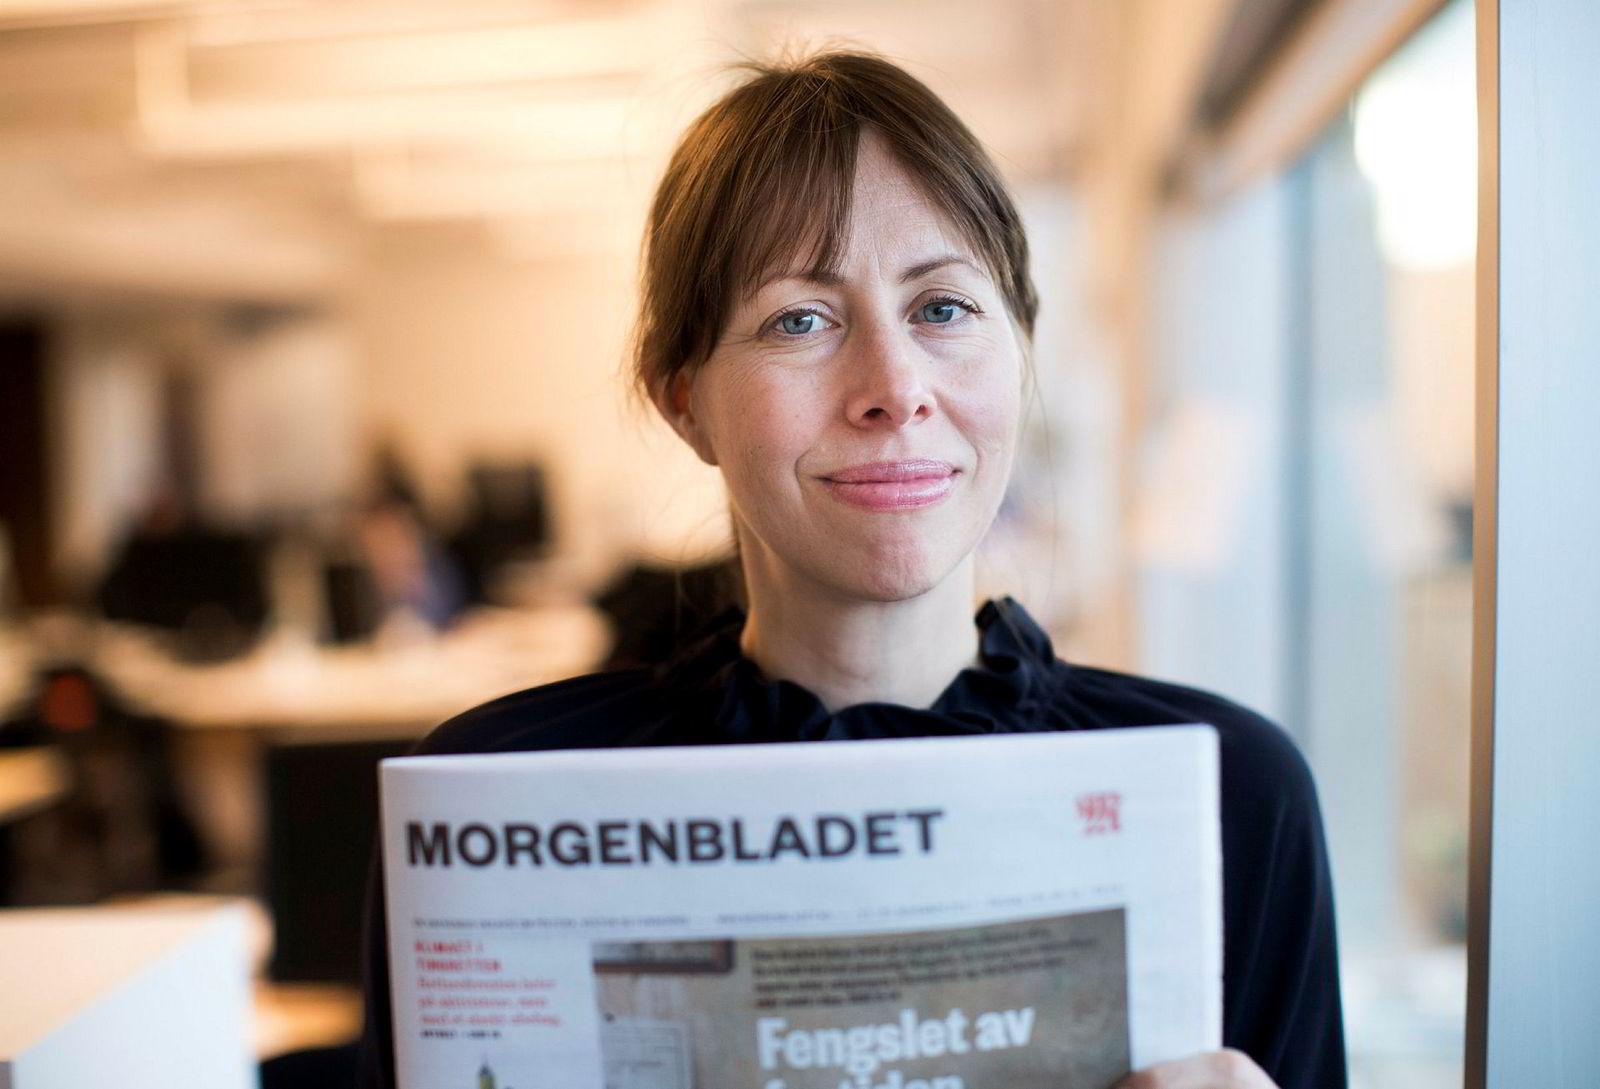 Ansvarlig redaktør Anna B. Jenssen i Morgenbladet vil ikke kommentere de konkrete påstandene som kommer frem i et brev fra redaksjonsklubben til styret.